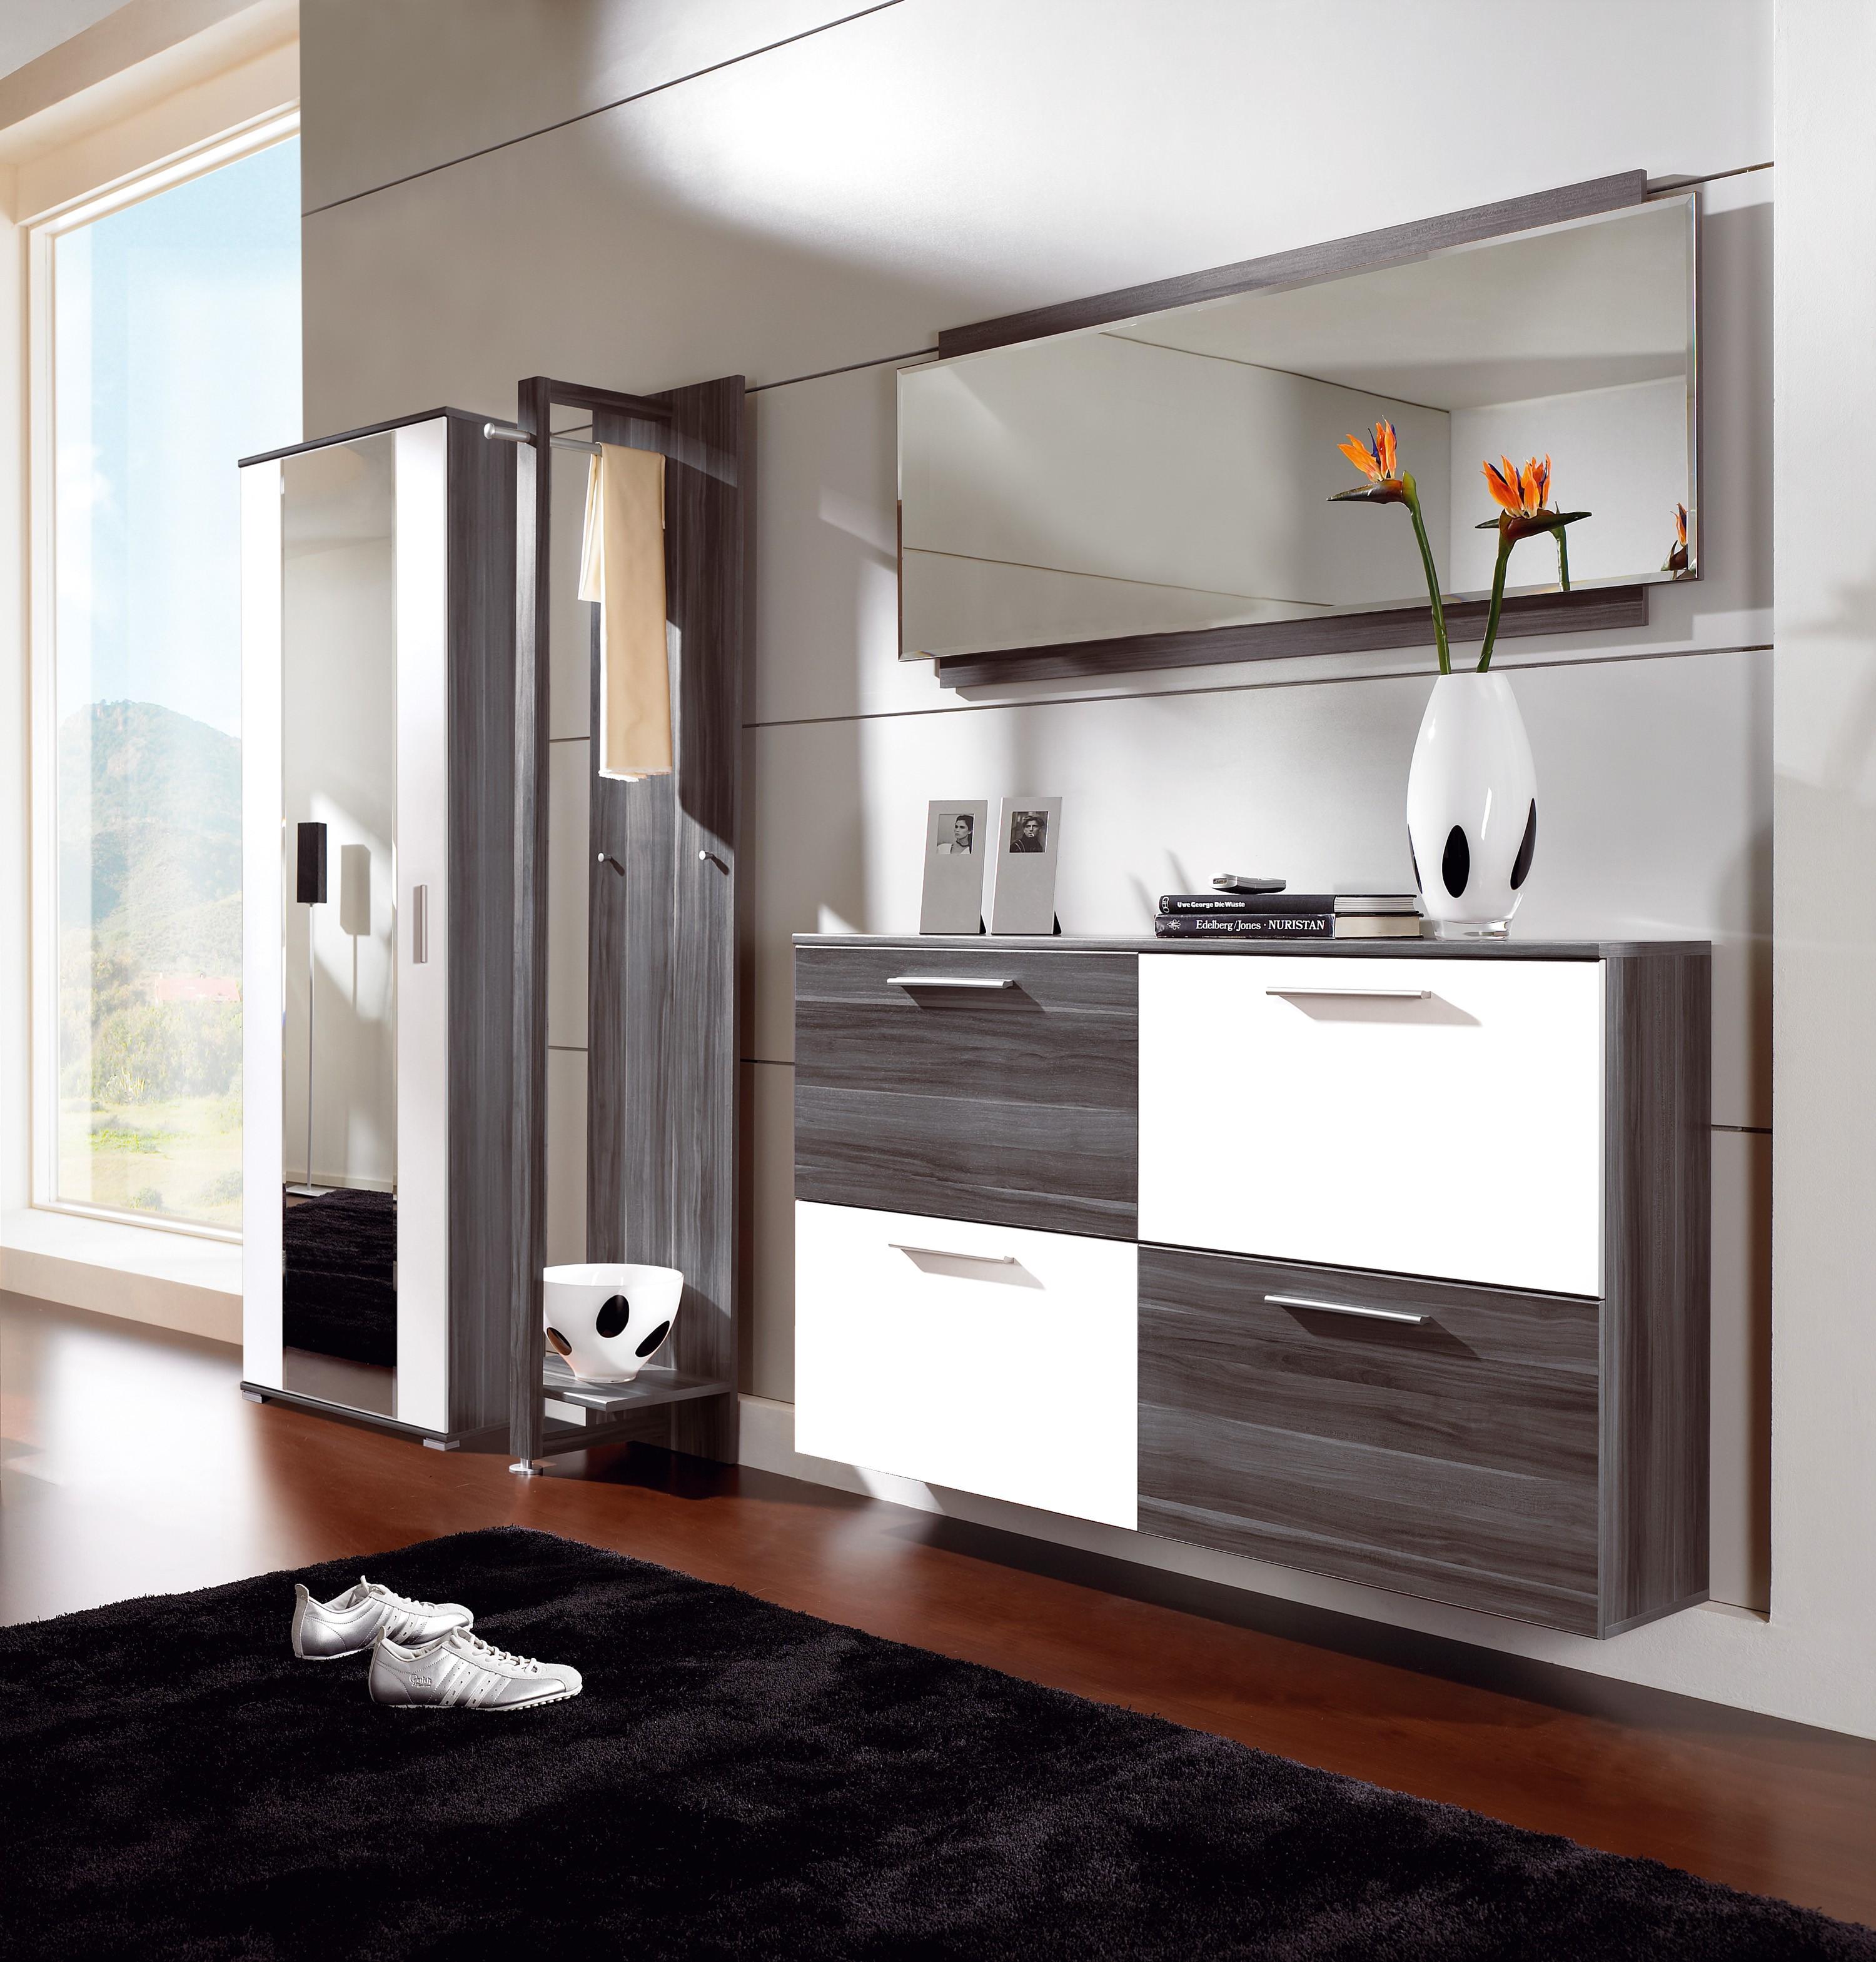 meuble-salon-interieur-flottant-armoire-de-rangement-en-bois-avec-tiroirs-blancs-et-bruns-armoires-de-rangement-salon-idées-design-pour-embellir-votre-salon